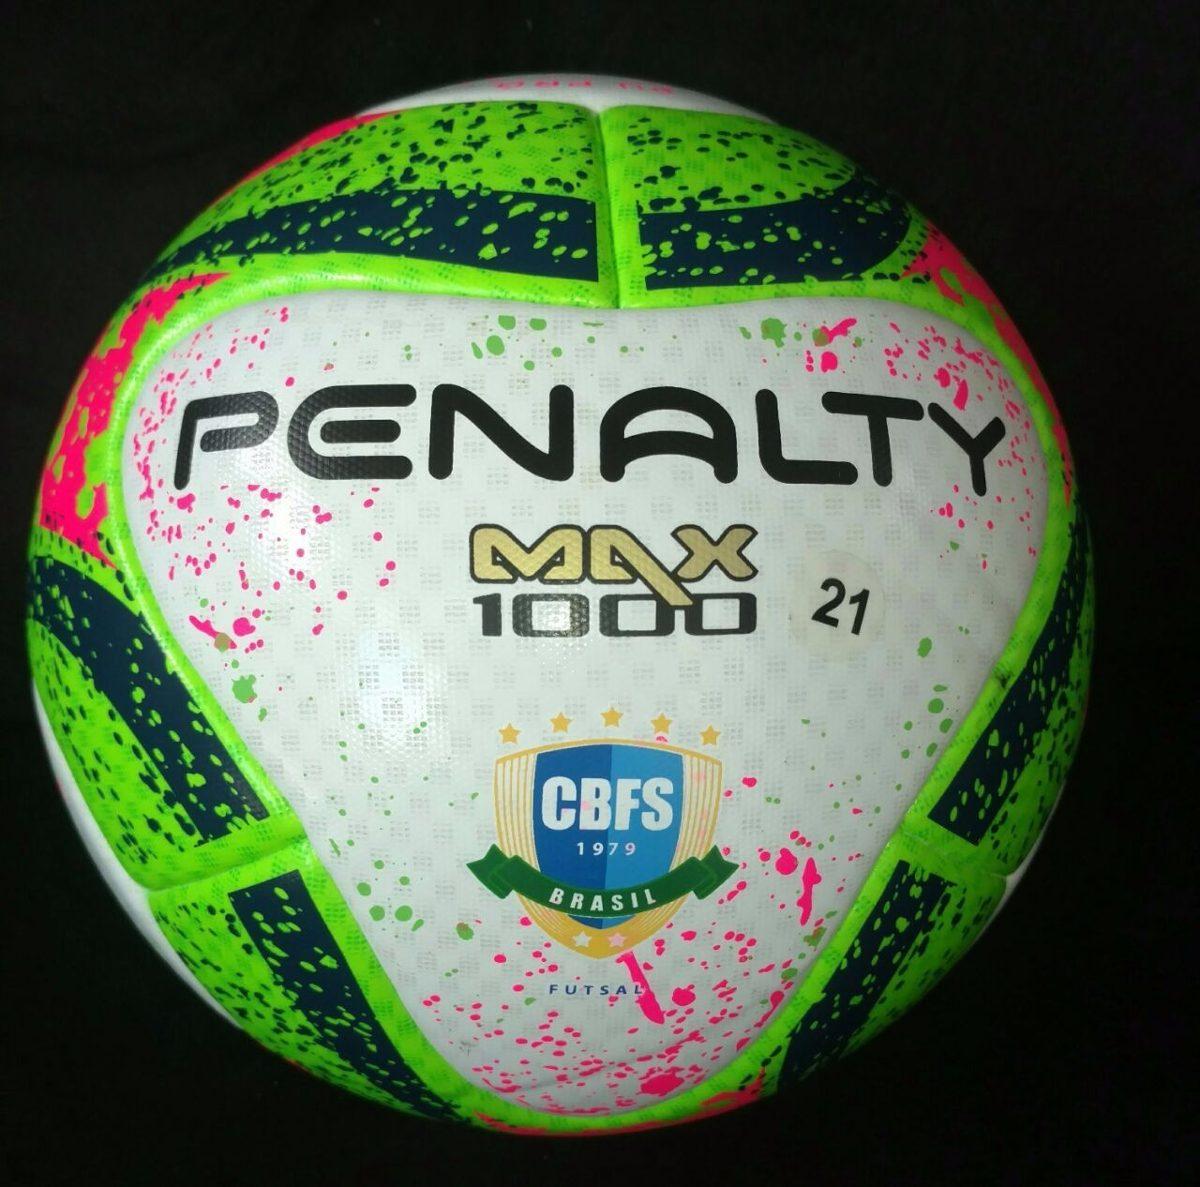 e2f9d4e8d4781 bola de futsal penalty max 1000 modelo 2017. Carregando zoom.